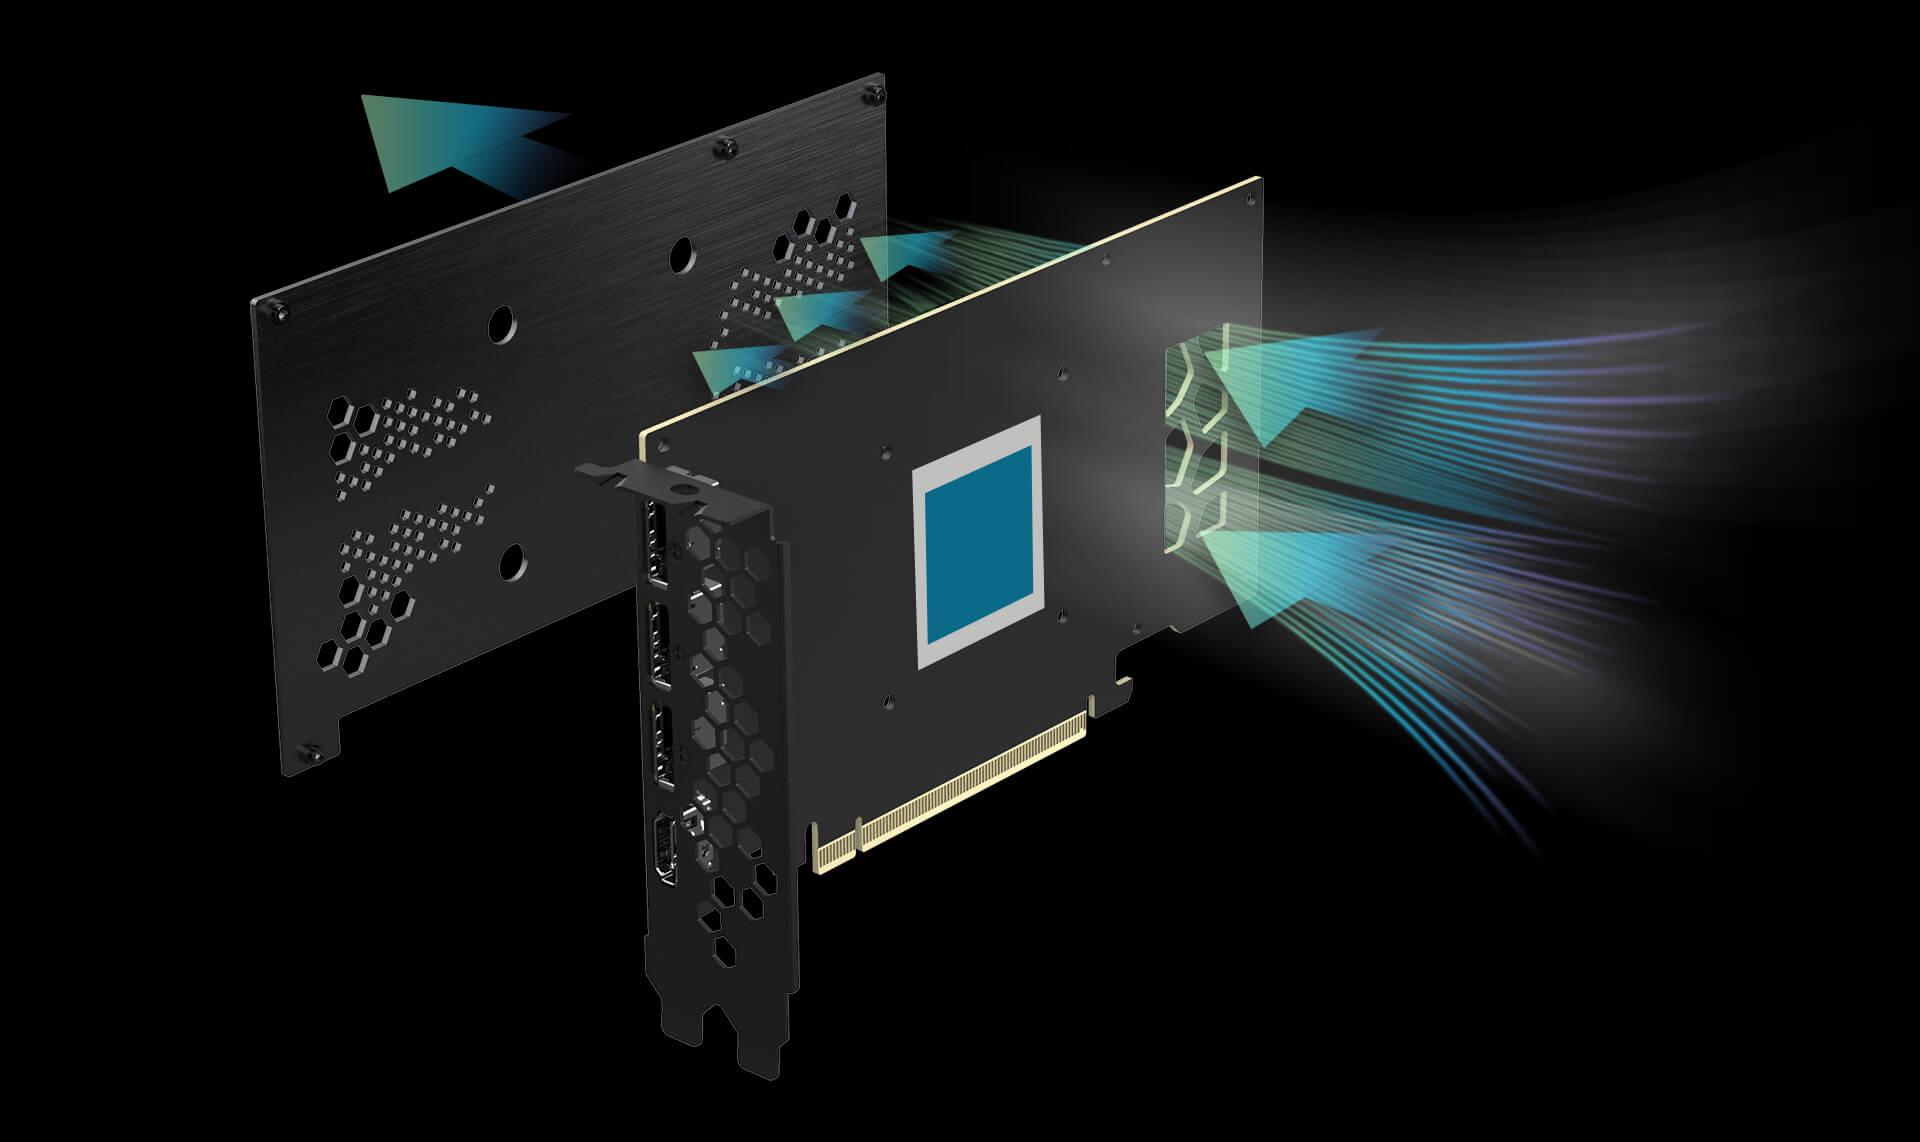 EVGA GeForce RTX3060 XC Gaming 12GB GDDR6